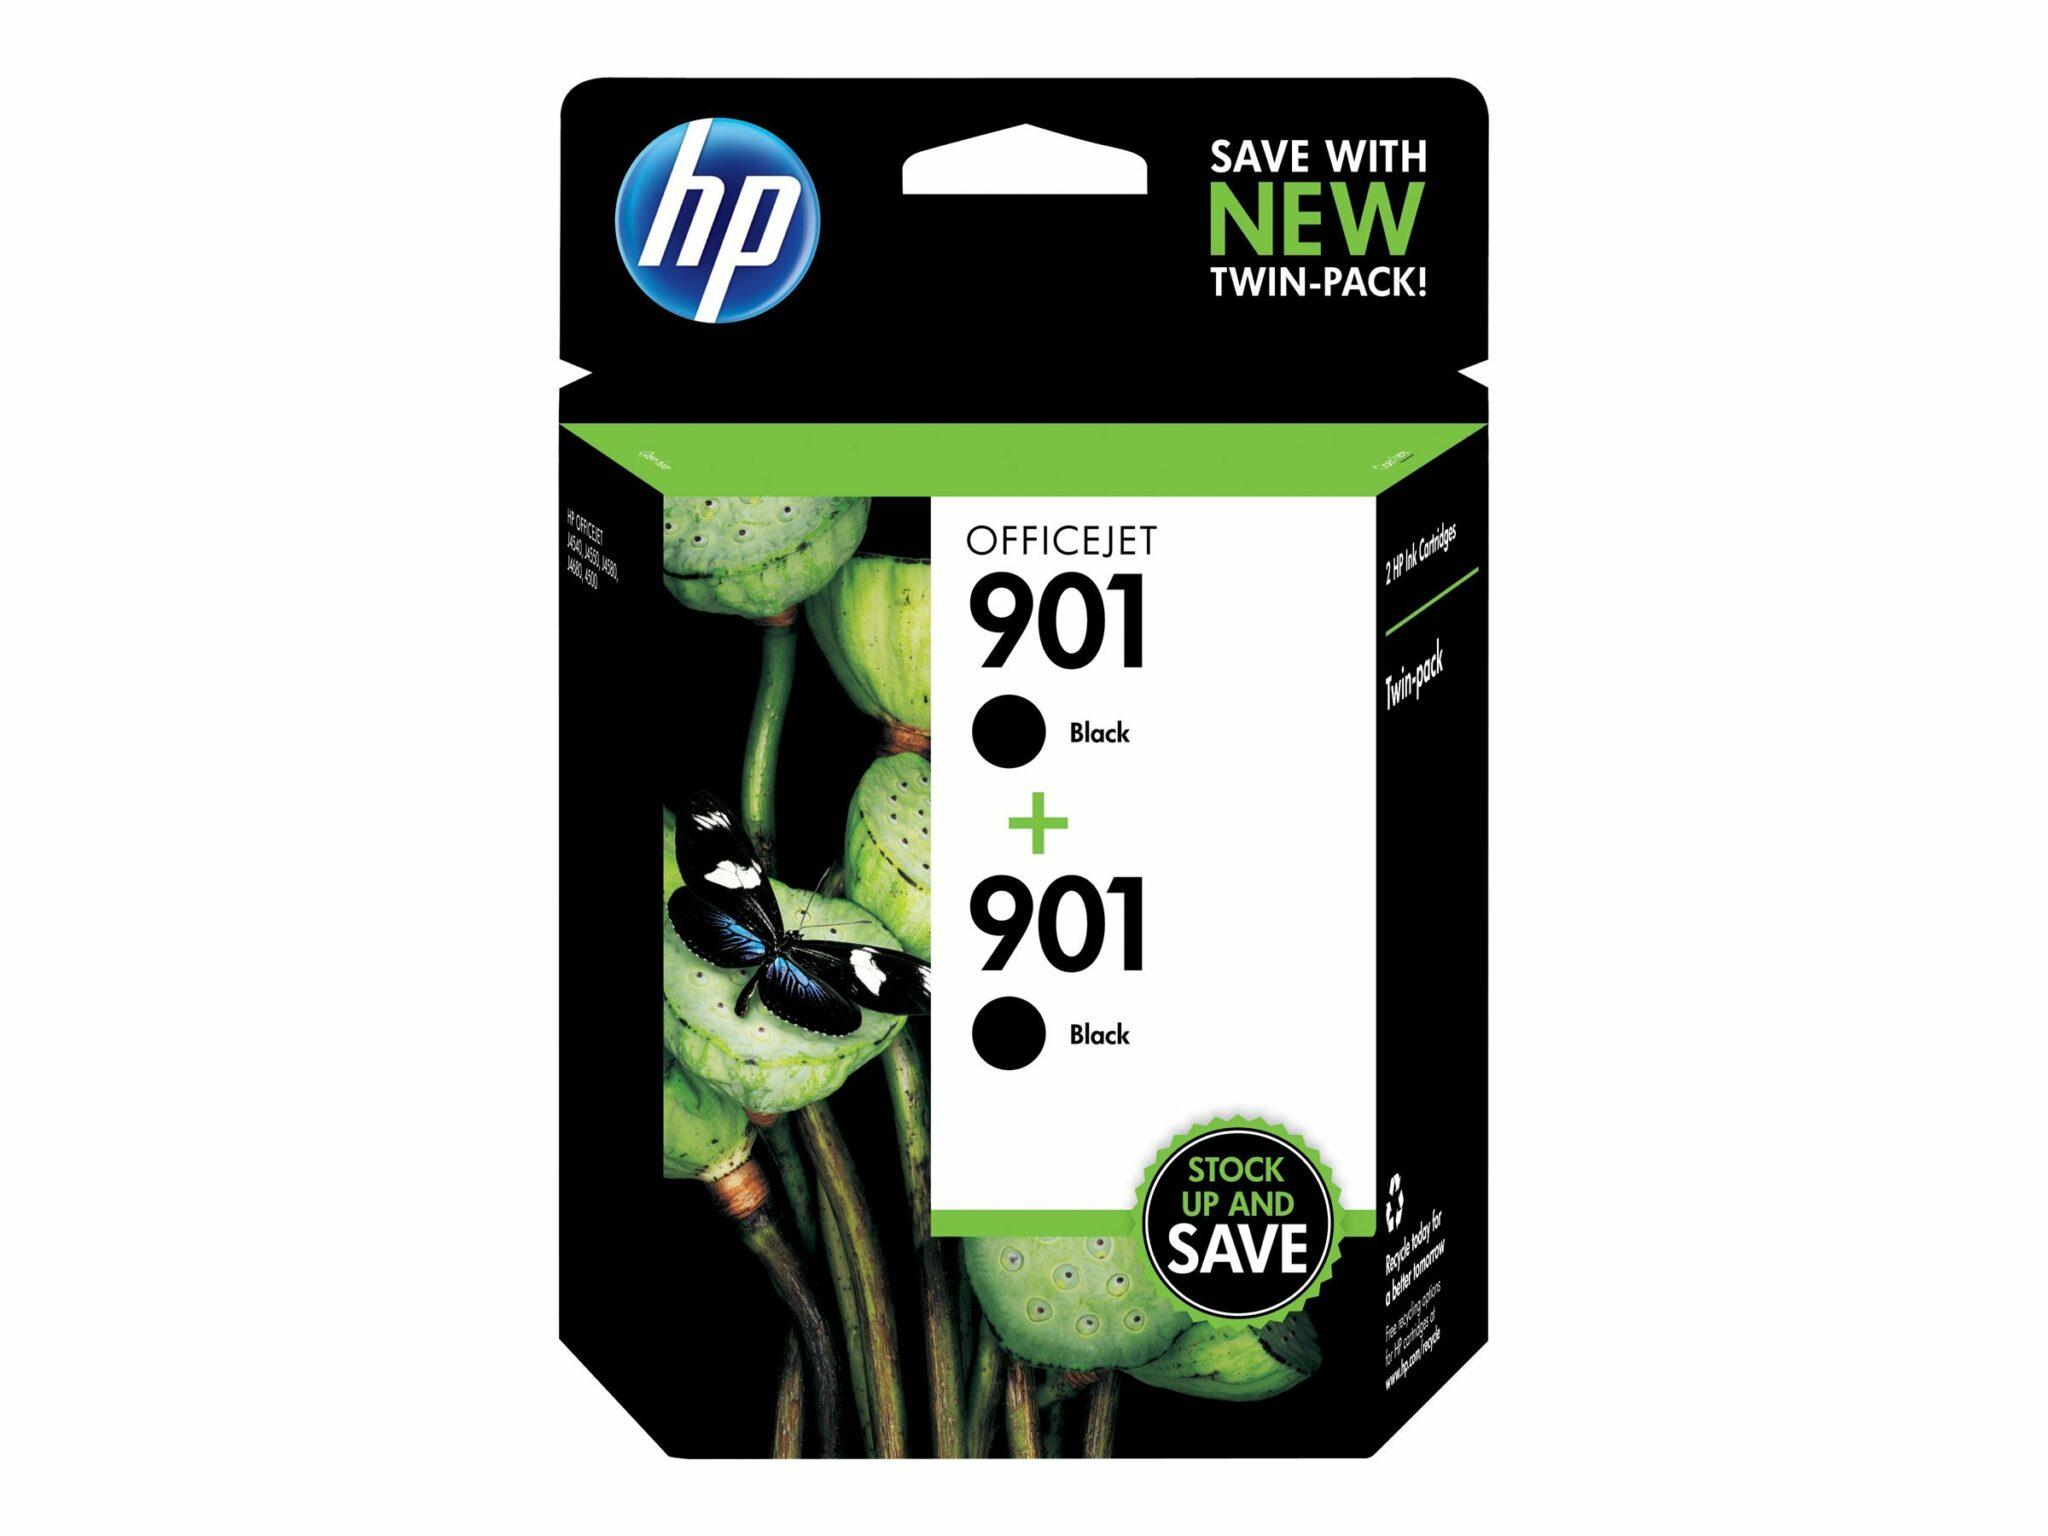 HP 901 2-pack Black Original Ink